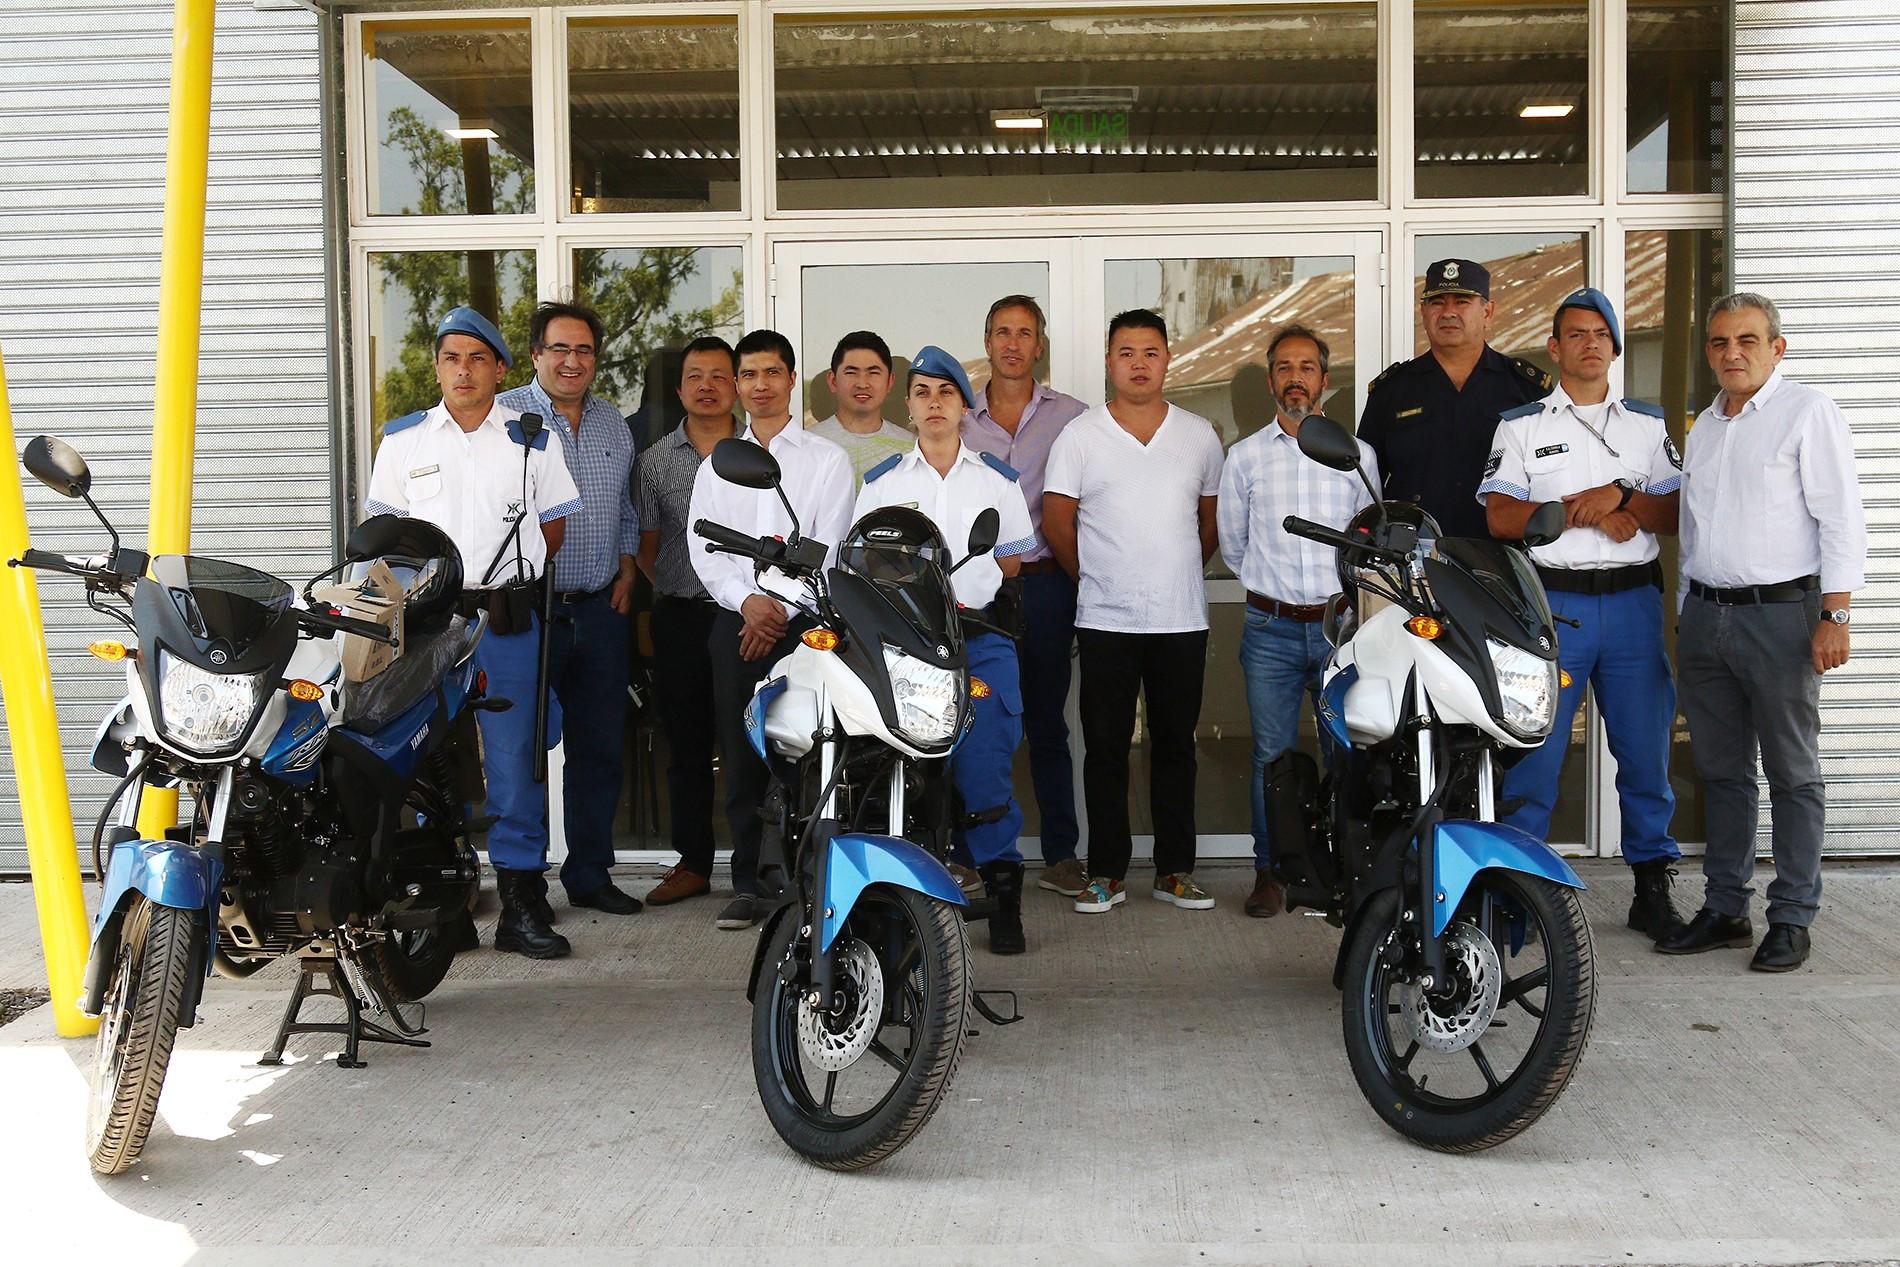 La Cámara de Supermercados Chinos donó al Municipio de Pergamino tres motos japonesas con el objetivo de contribuir a la prevención del delito.